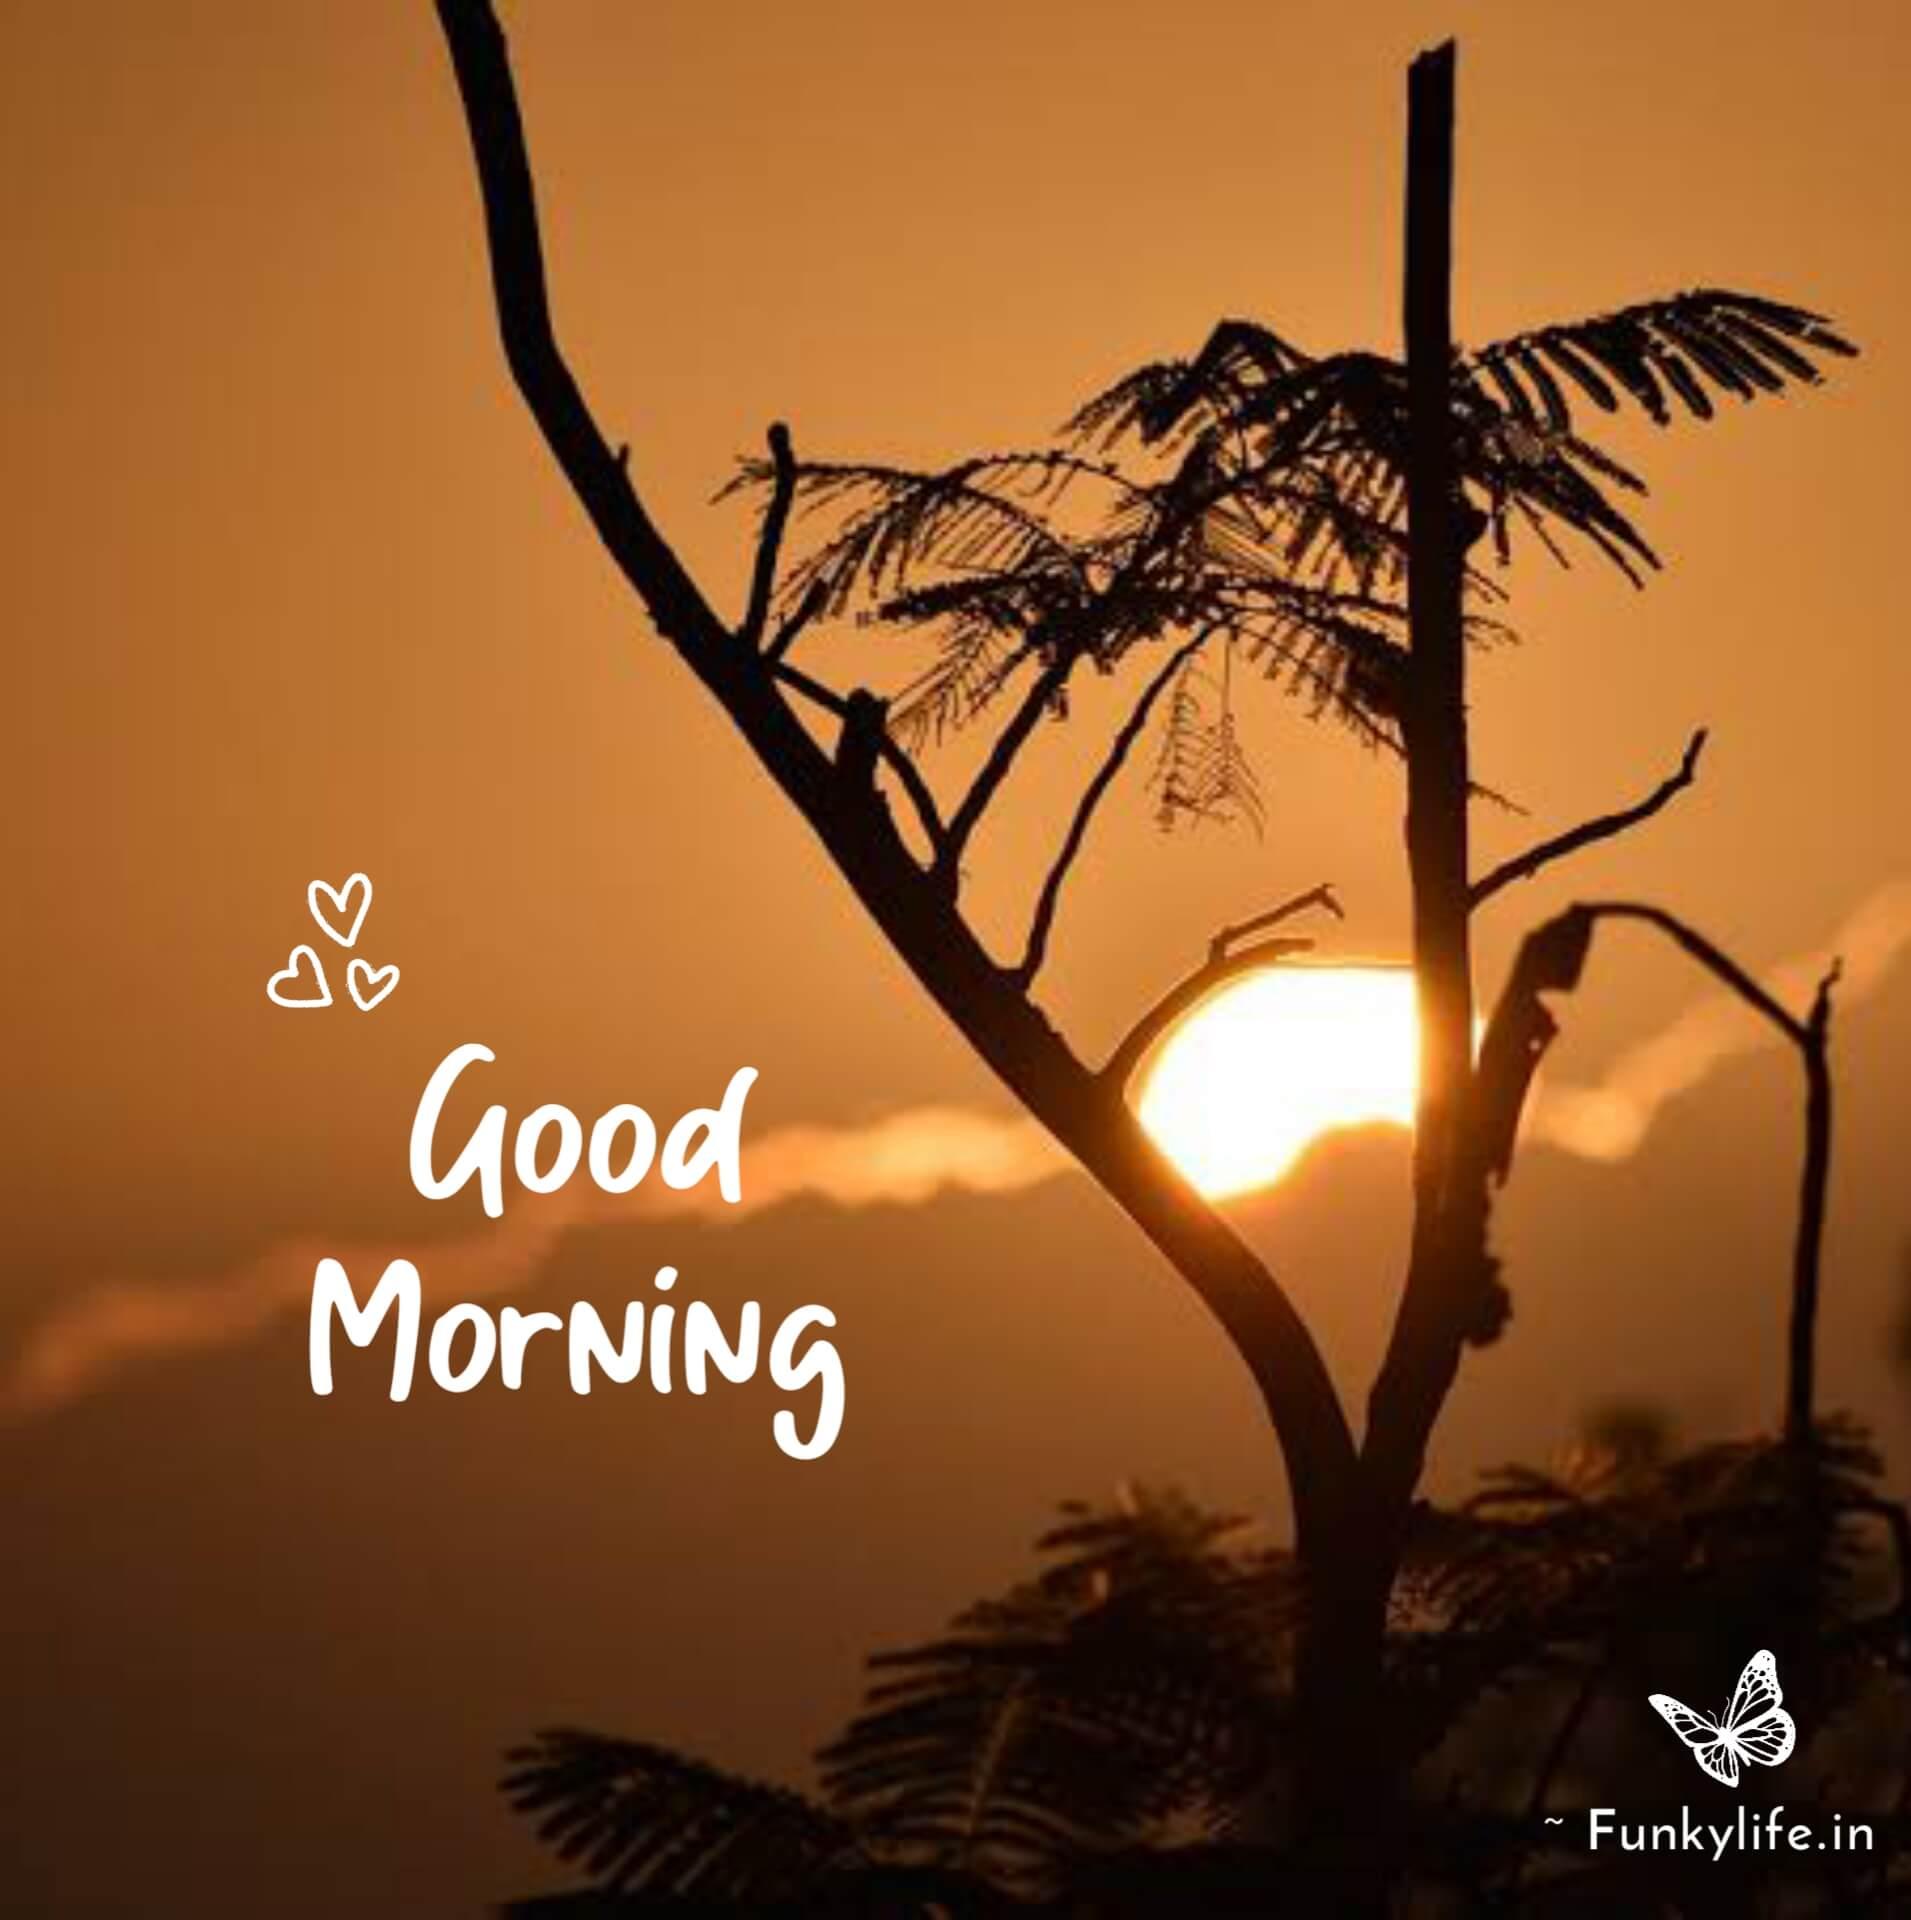 Sunrise Good Morning image